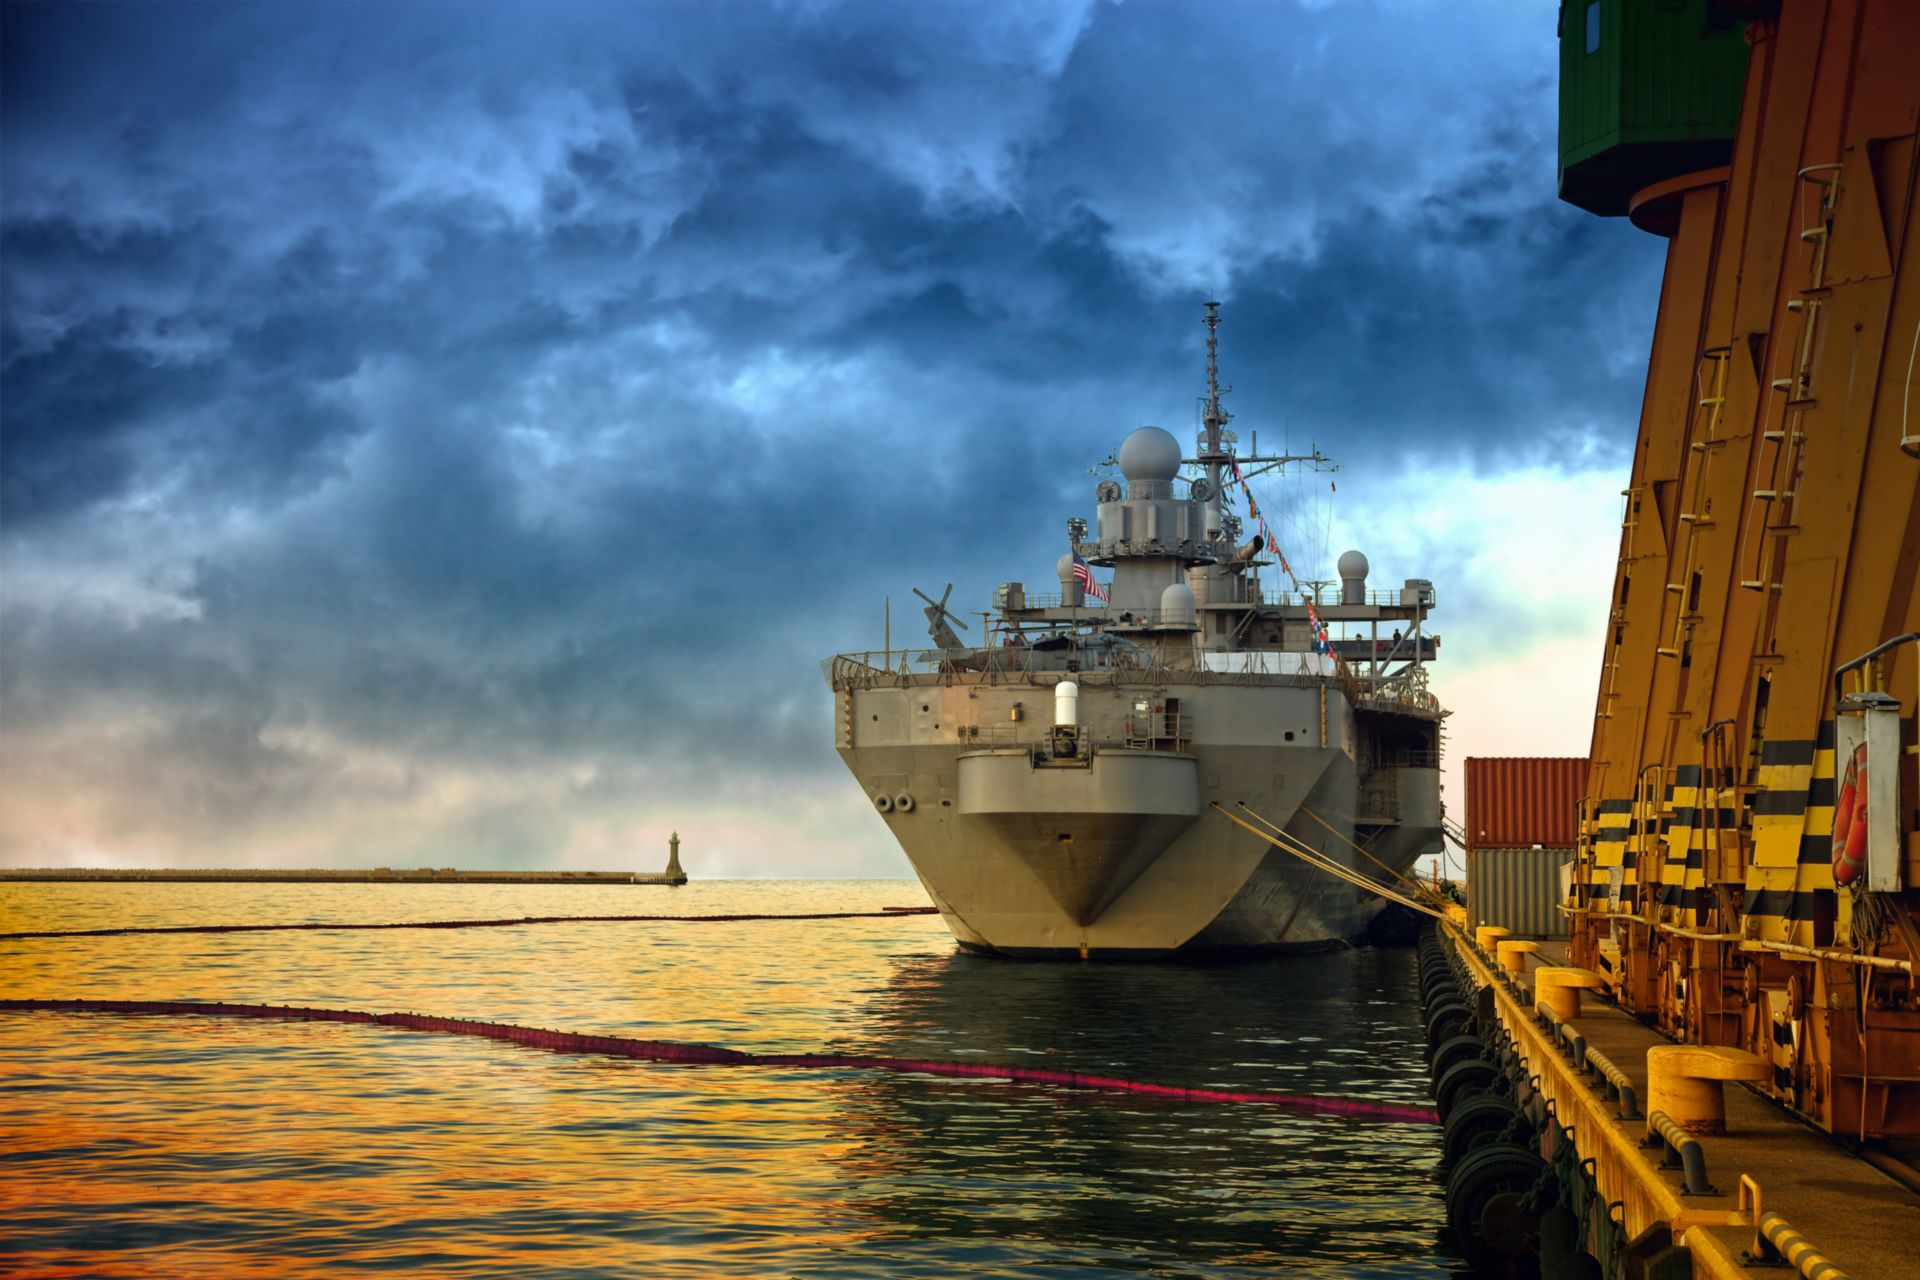 Moored Warship